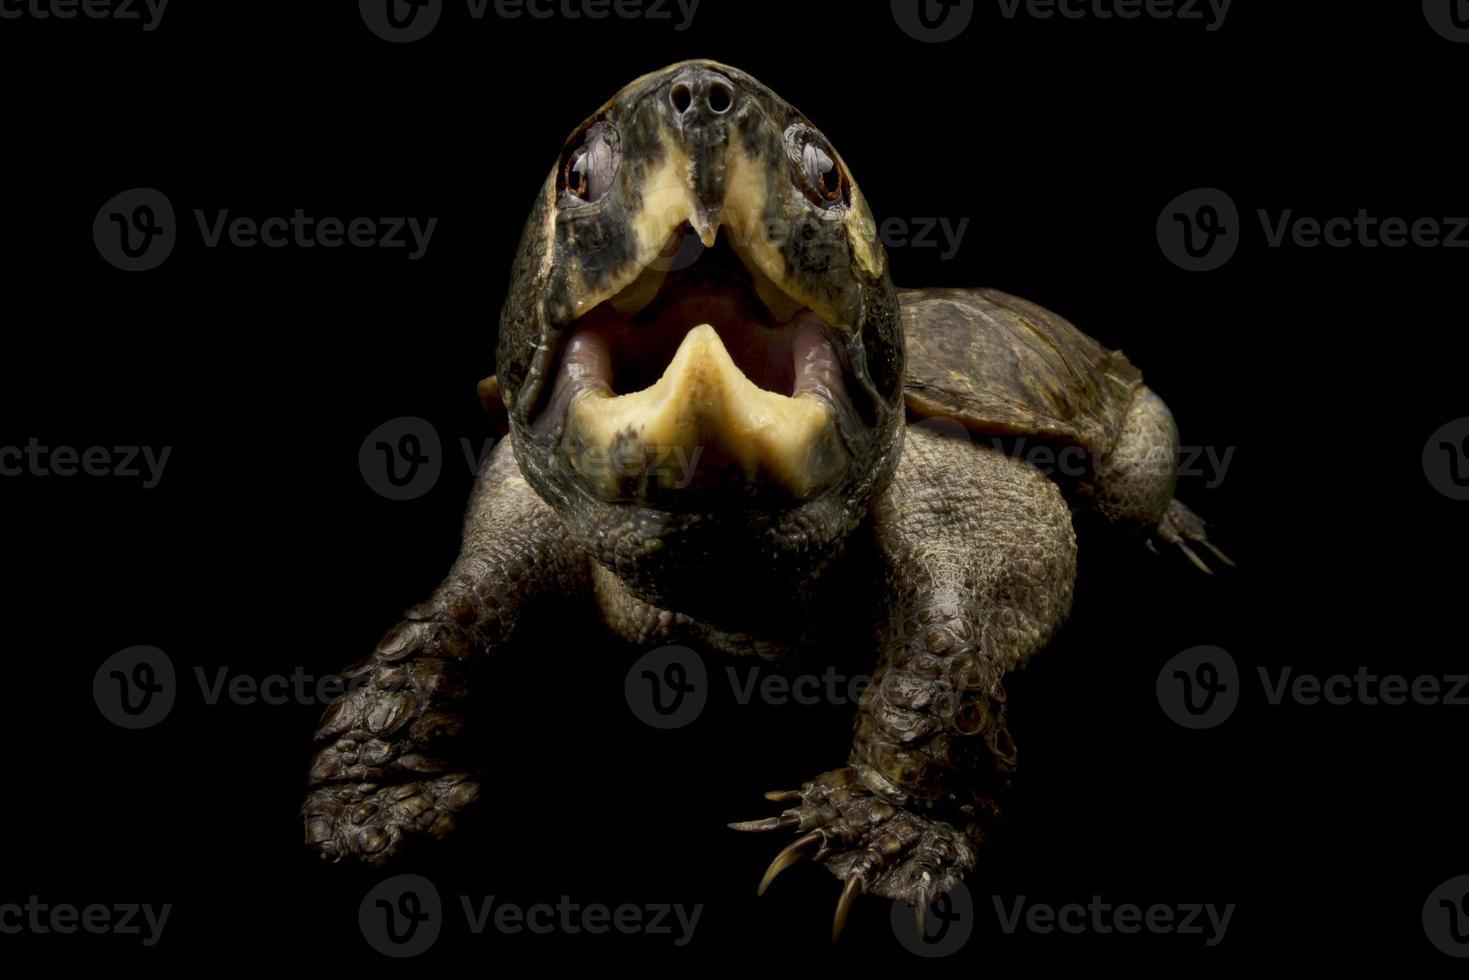 tartaruga de cabeça grande platysternon megacephalum foto